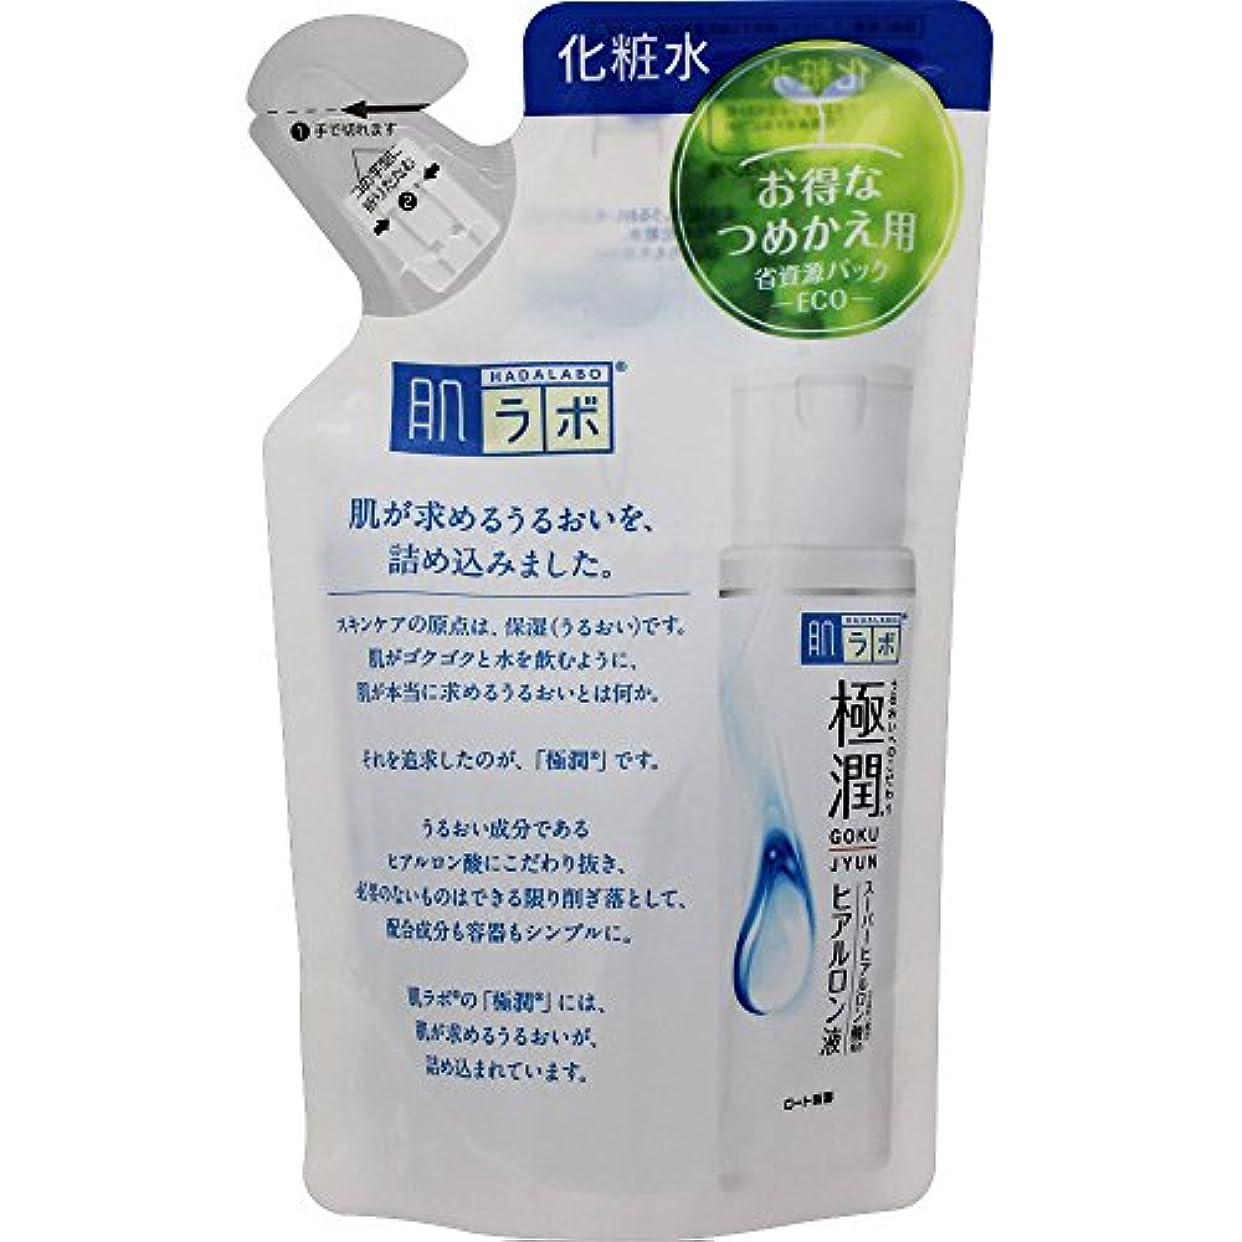 肌ラボ 極潤 ヒアルロン酸 化粧水 ヒアルロン酸3種配合 詰替用 170ml